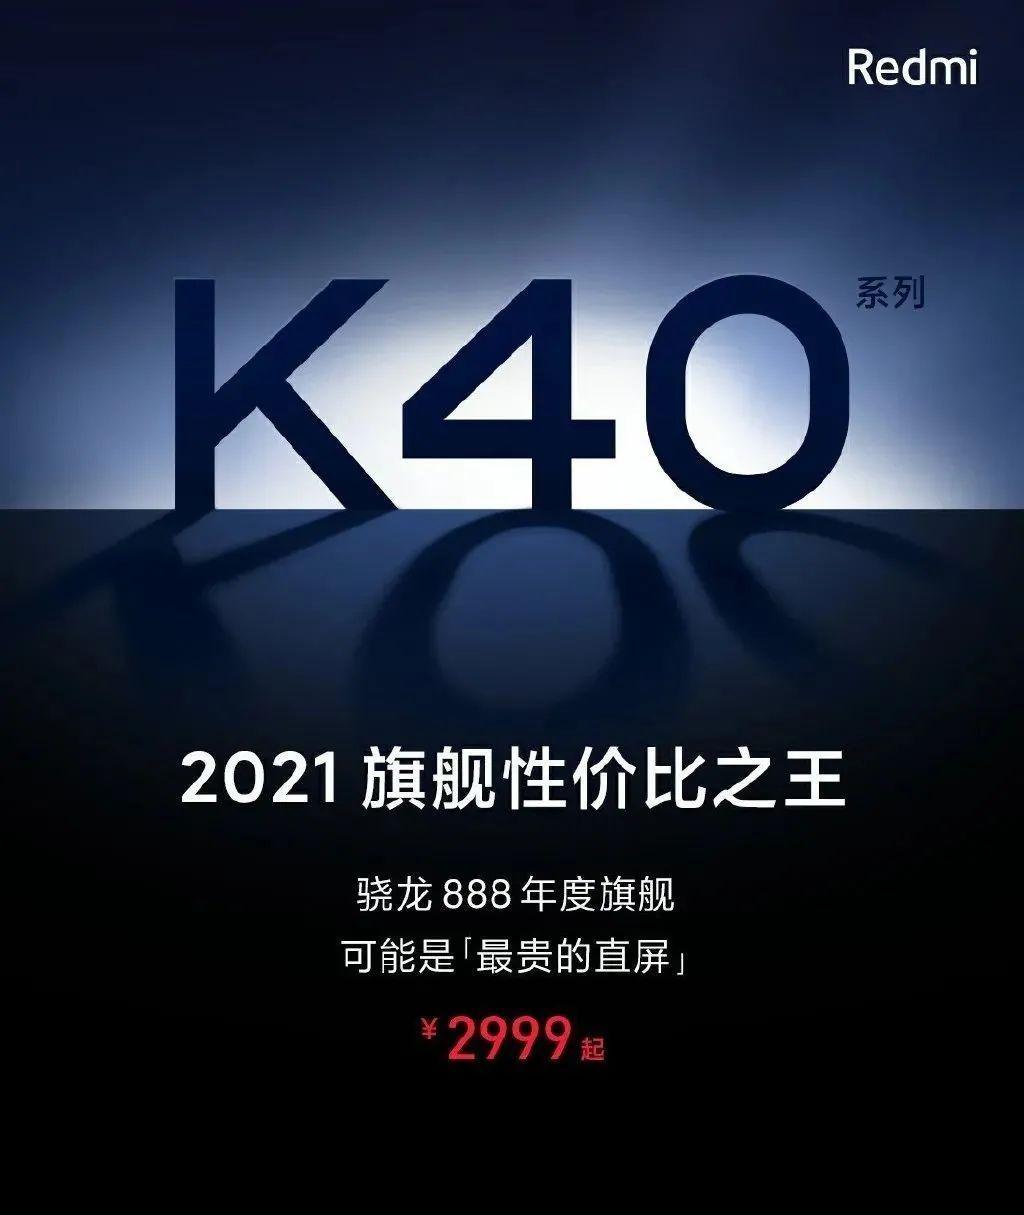 红米k40支持无线充电吗